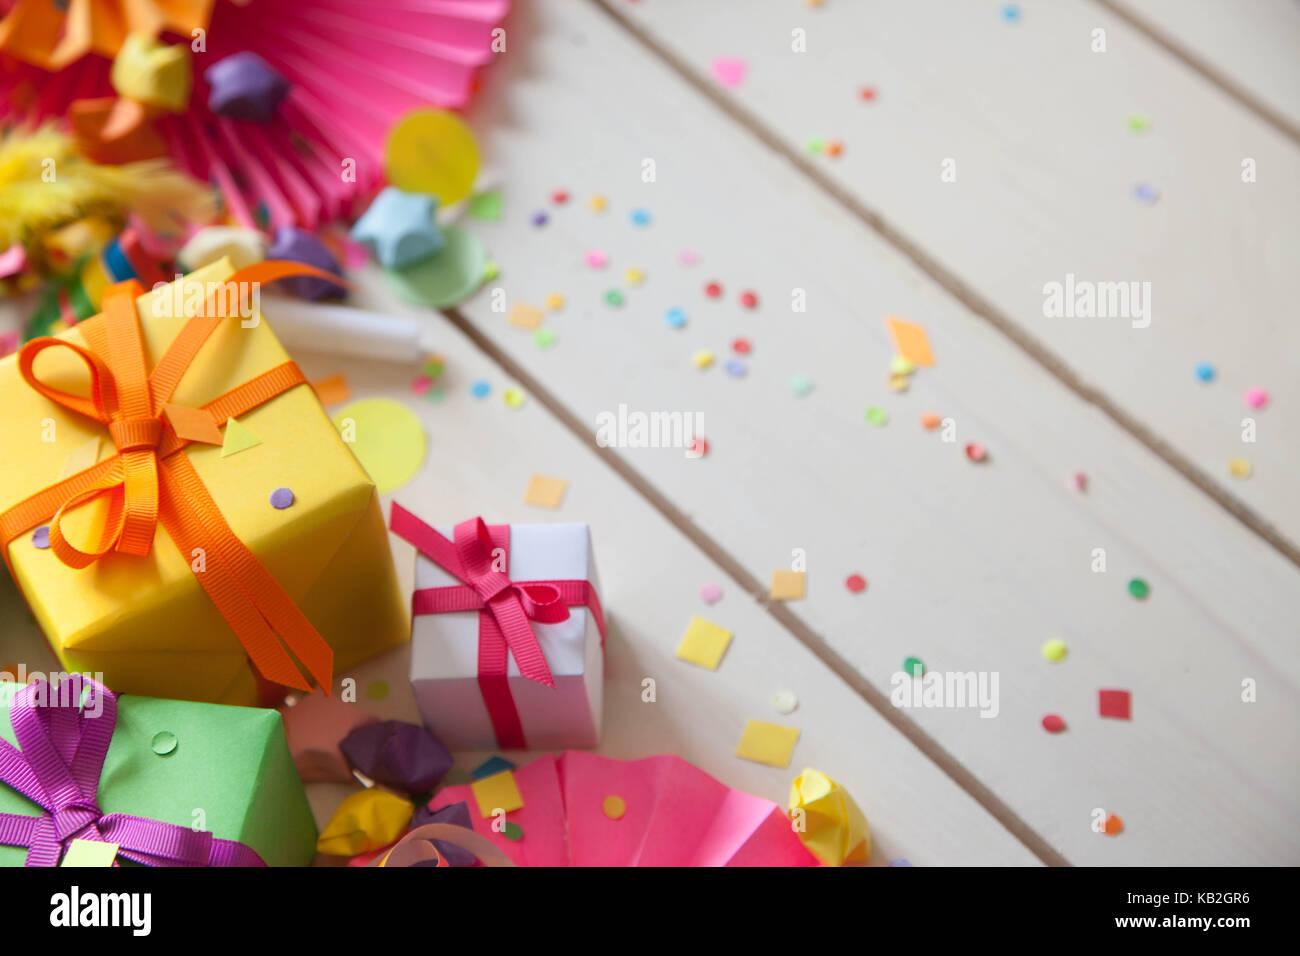 Farbigen Geschenk Boxen Mit Bunten Bandern Weisser Hintergrund